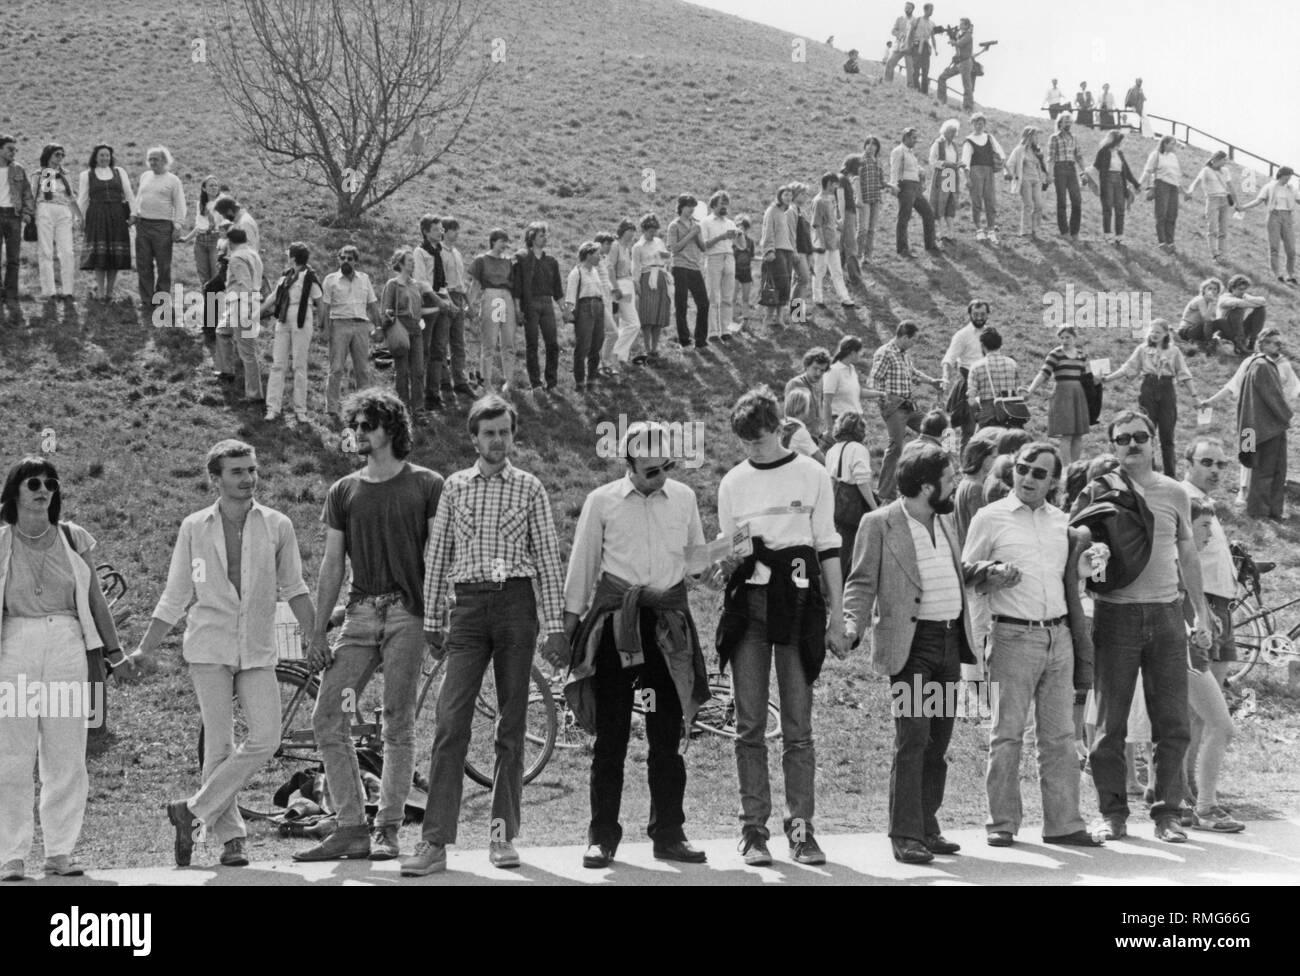 À Pâques 1984, le mouvement de la paix à Munich forme une chaîne humaine. Photo Stock